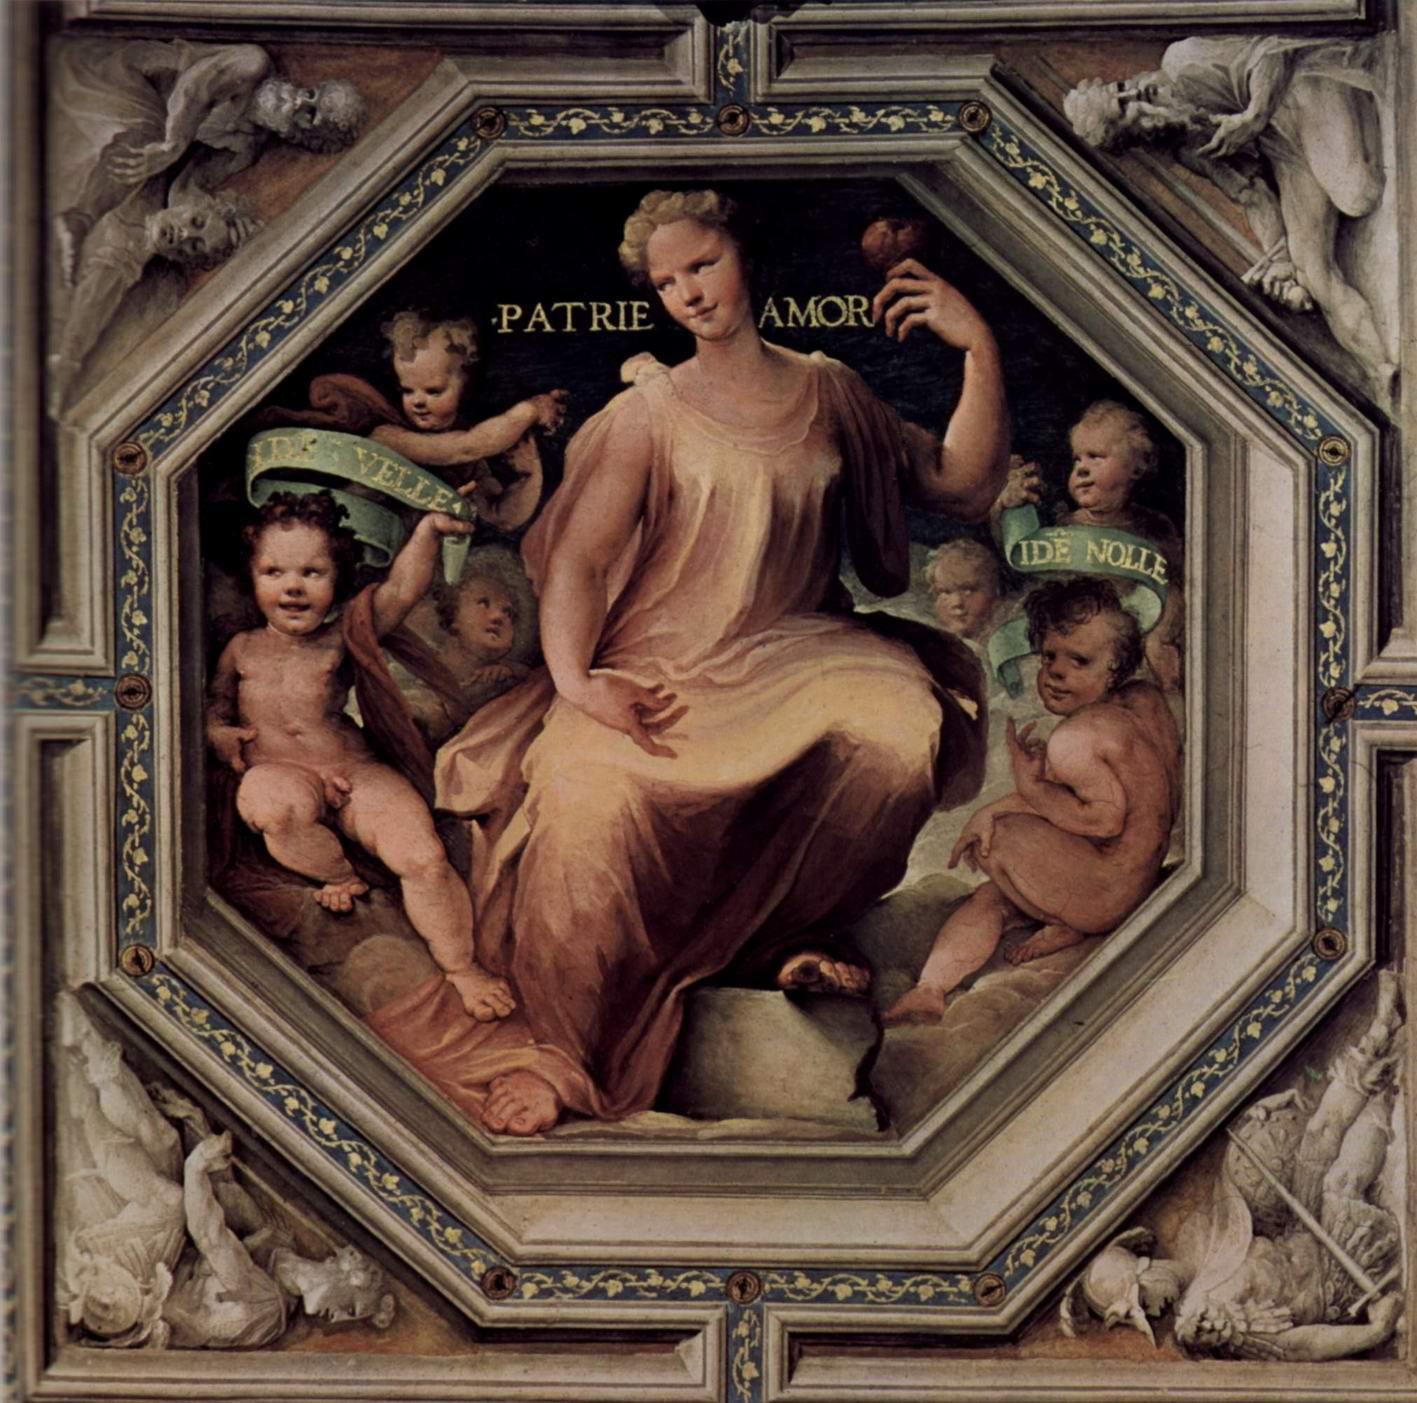 Аллегорический цикл фресок (Политические добродетели) из Палаццо Пубблико в Сиене. Милосердие (Caritas), Беккафуми Доменико